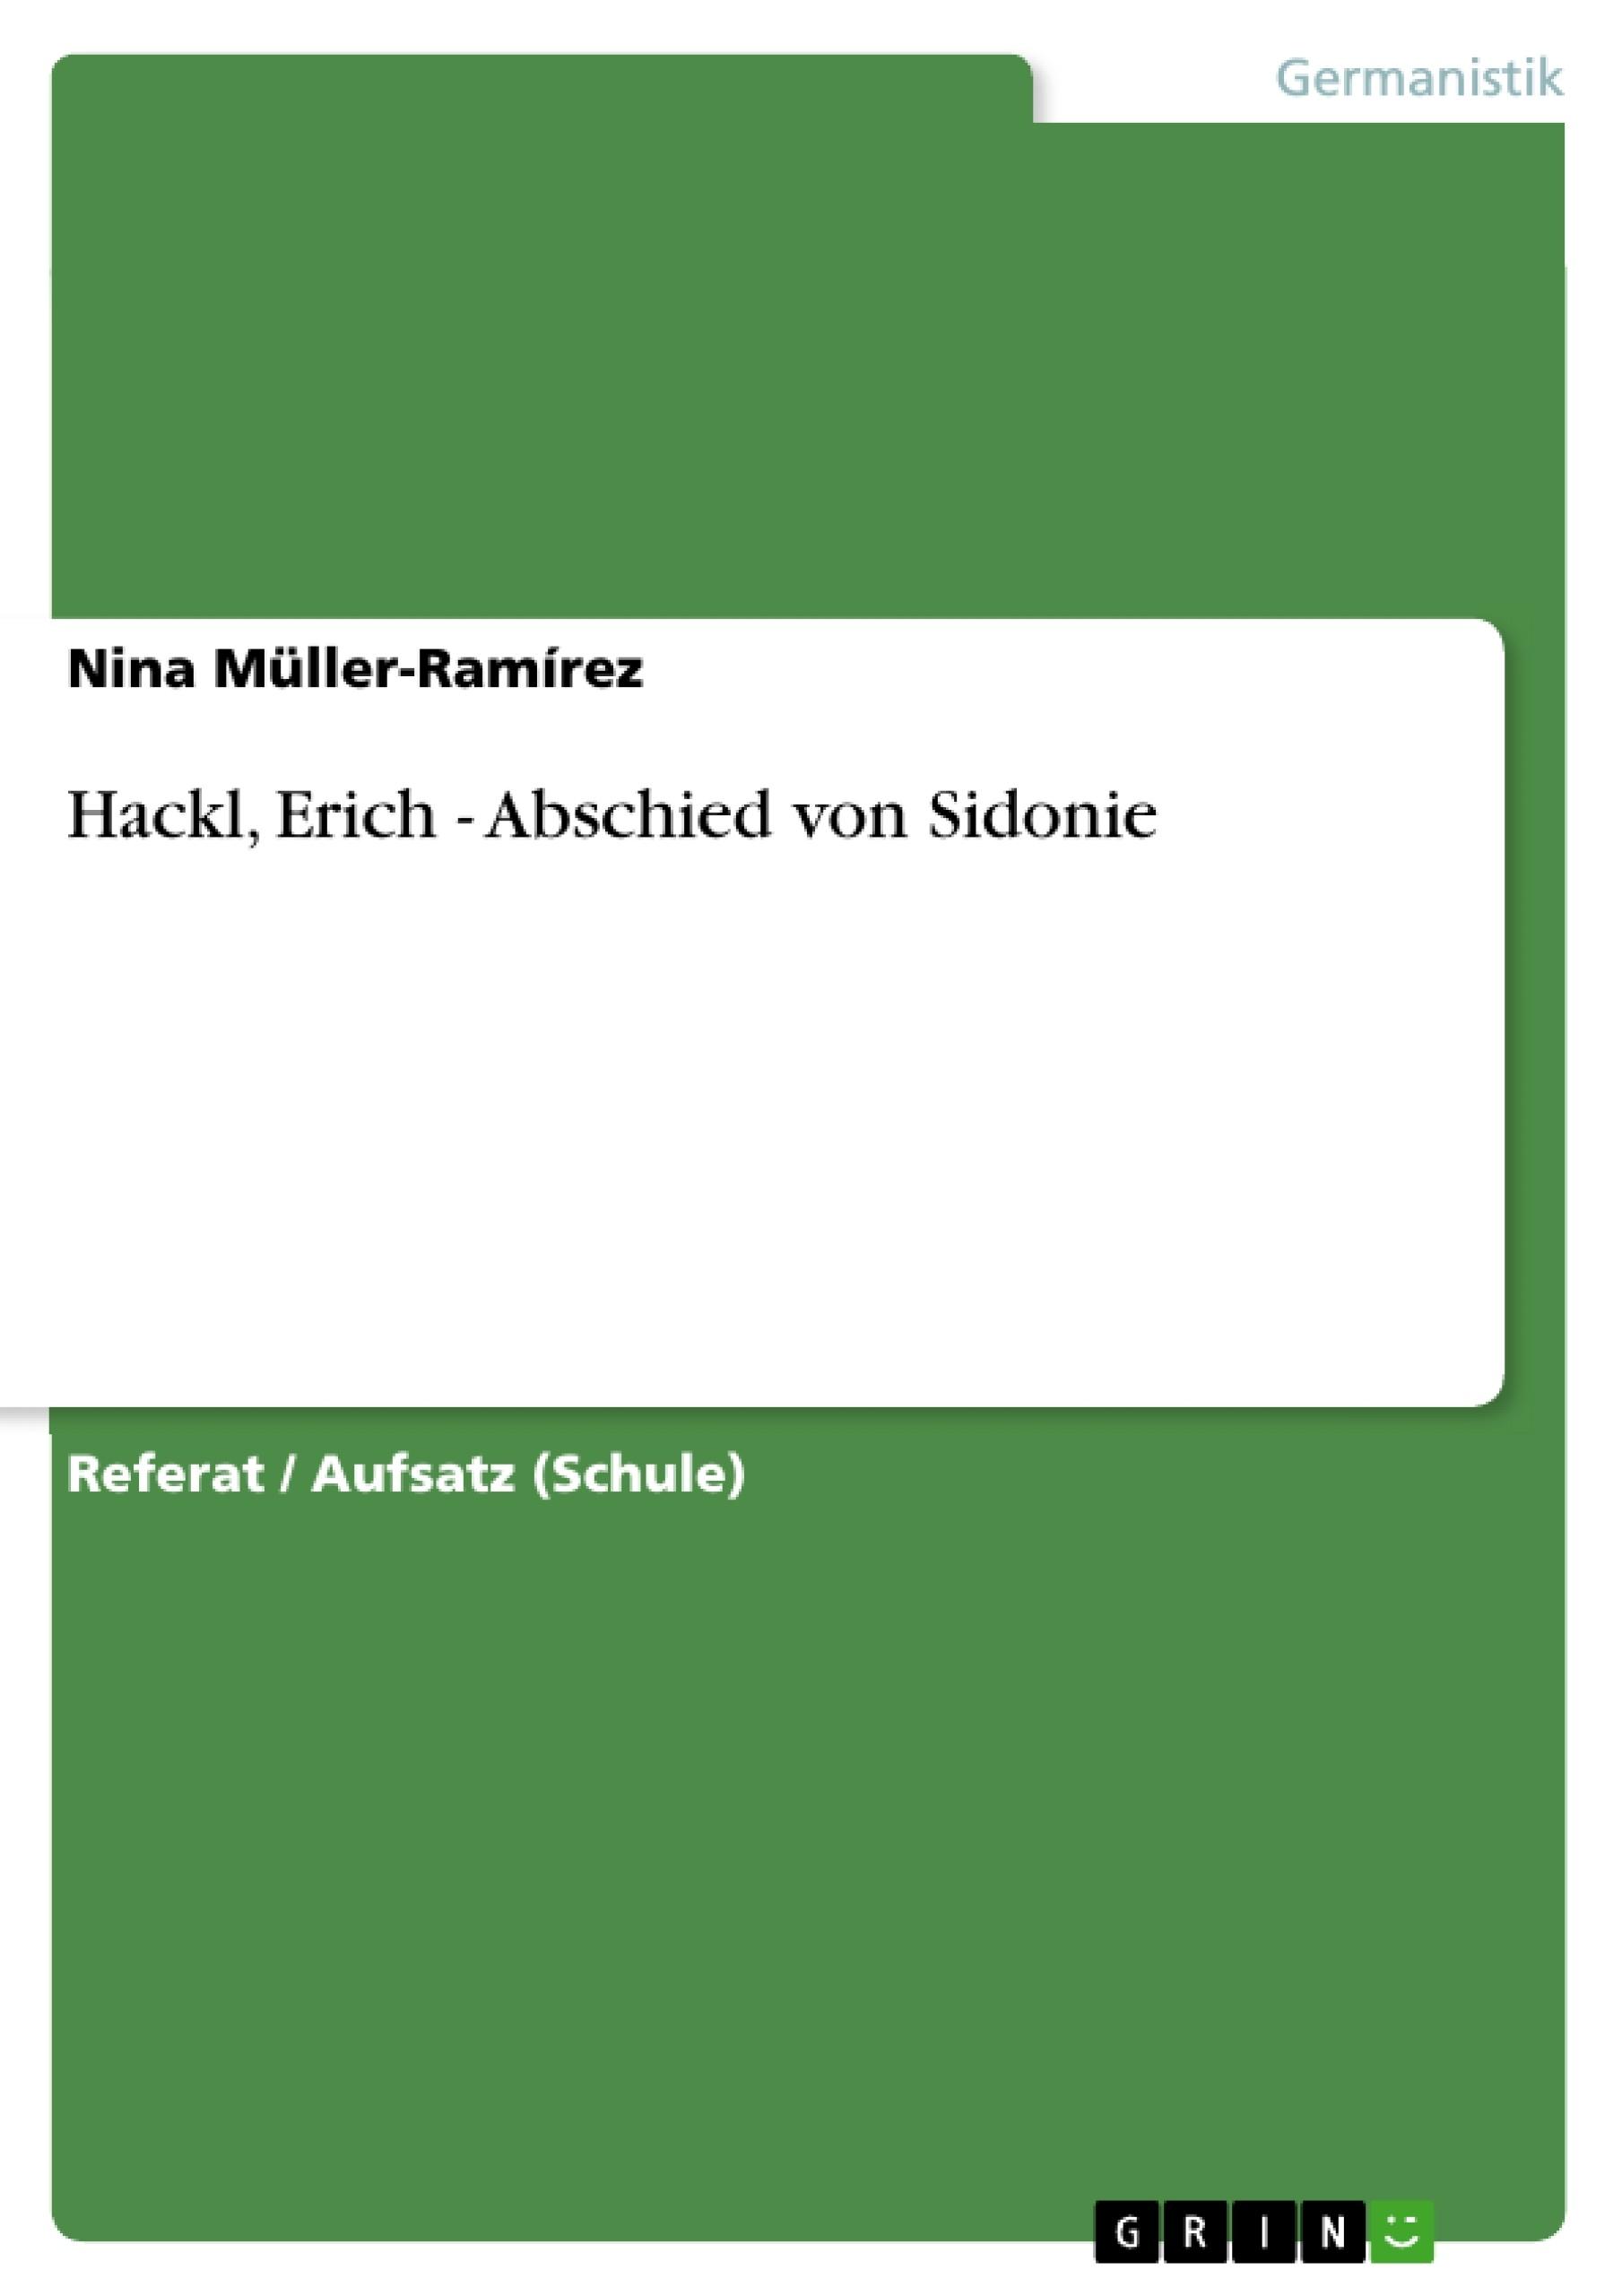 Titel: Hackl, Erich - Abschied von Sidonie